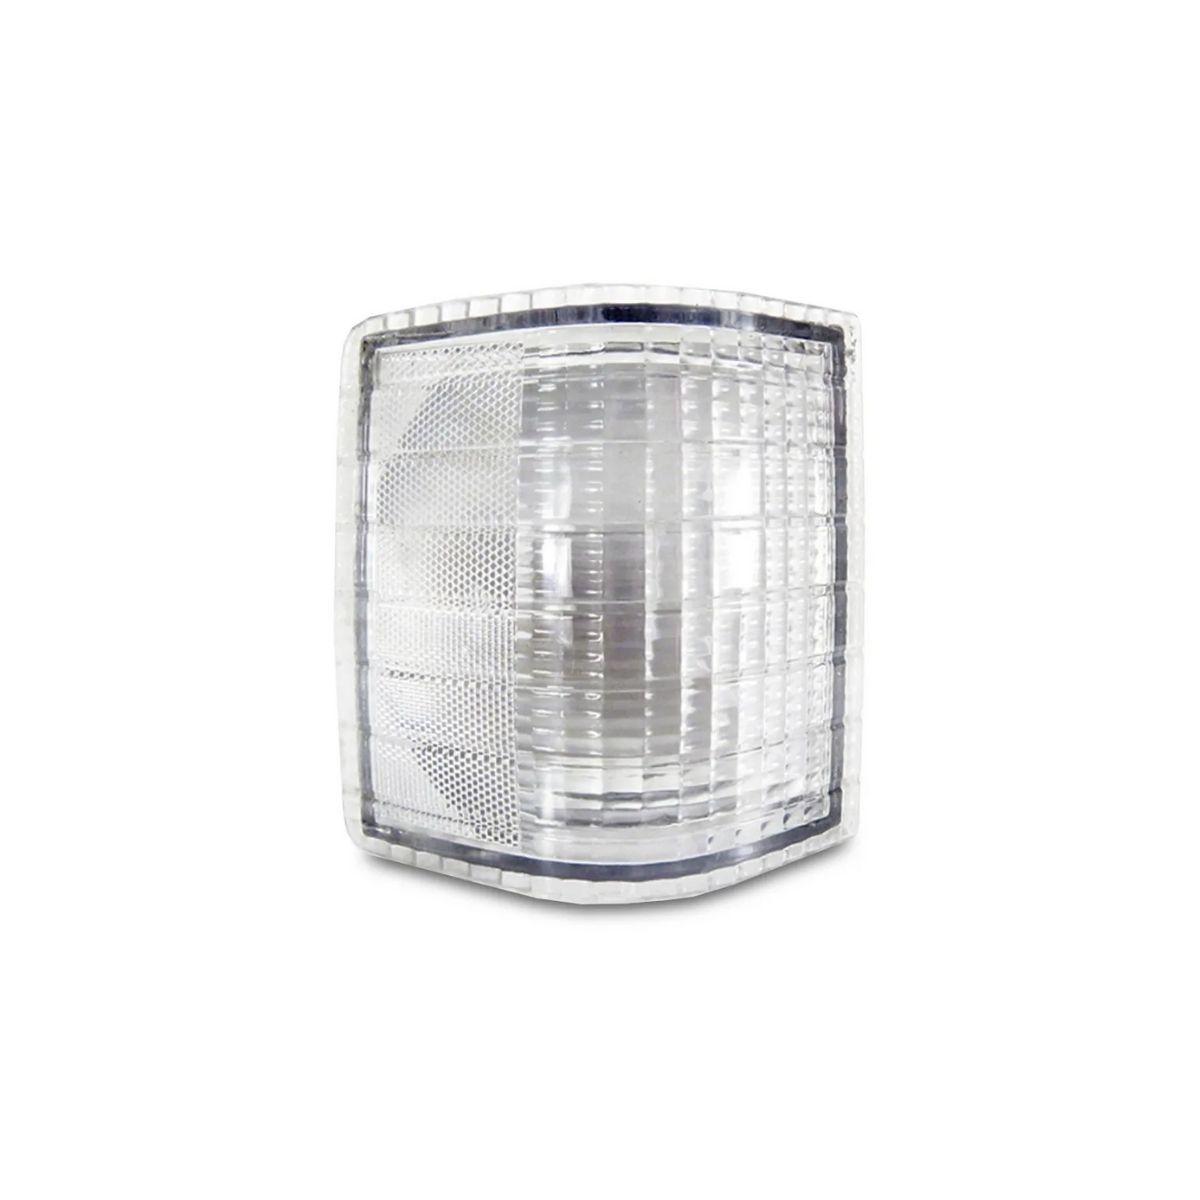 Lanterna Dianteira Direita Opala Caravan 1980/1987 Cristal